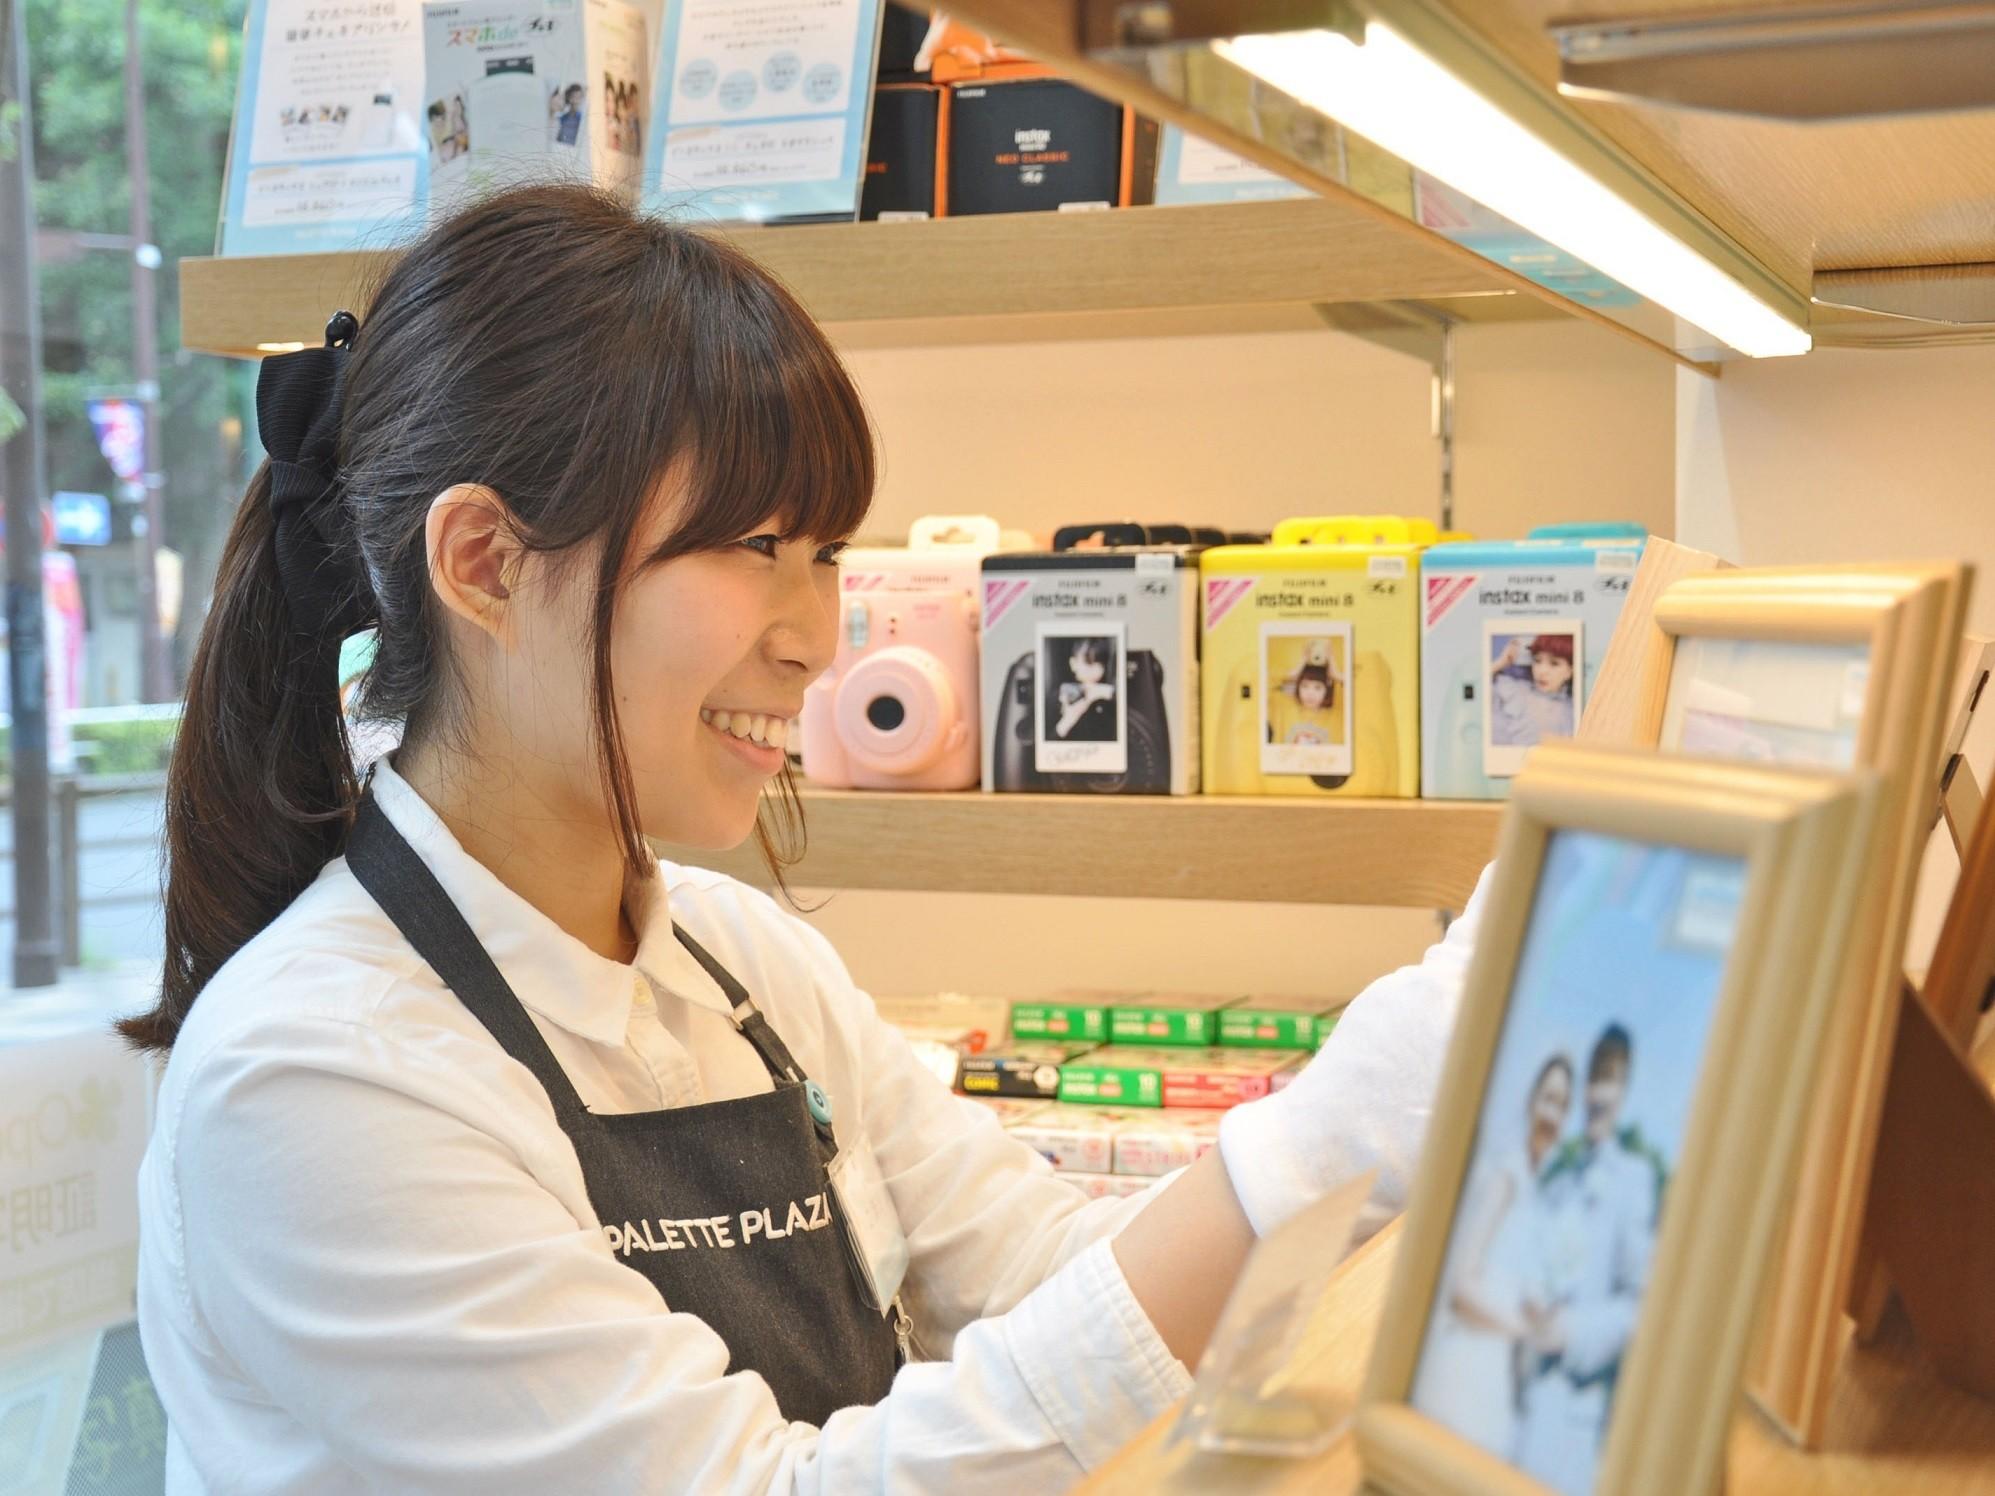 パレットプラザ 沼田ビバタウン店のアルバイト情報